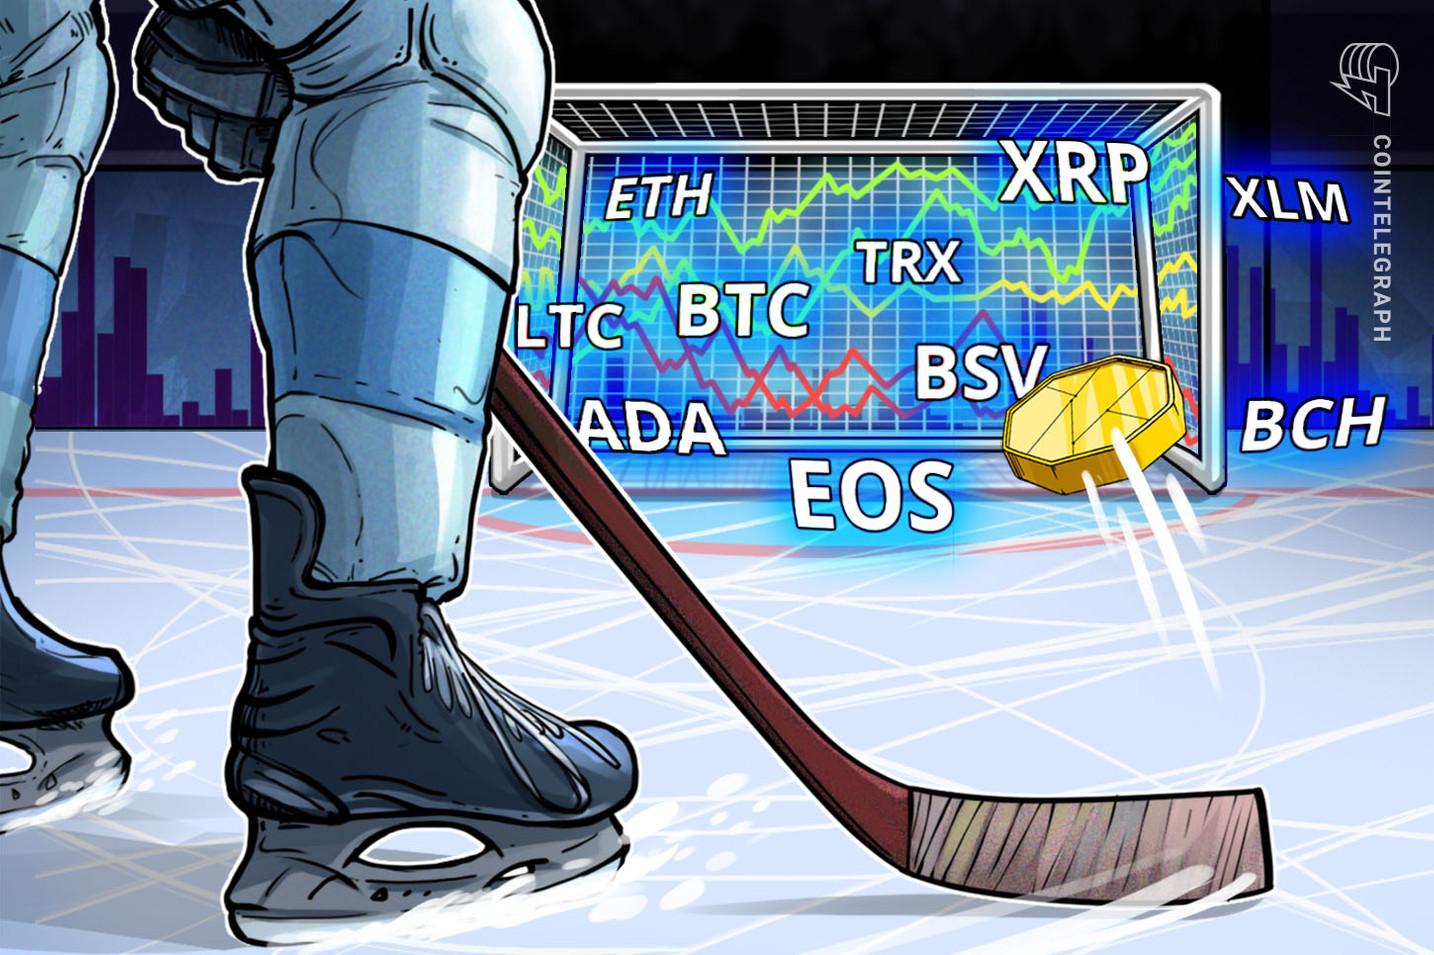 Bitcoin, Ripple, Ethereum, Bitcoin Cash, EOS, Stellar, Litecoin, Tron, Bitcoin SV, Cardano: Análisis de precios, 14 de enero